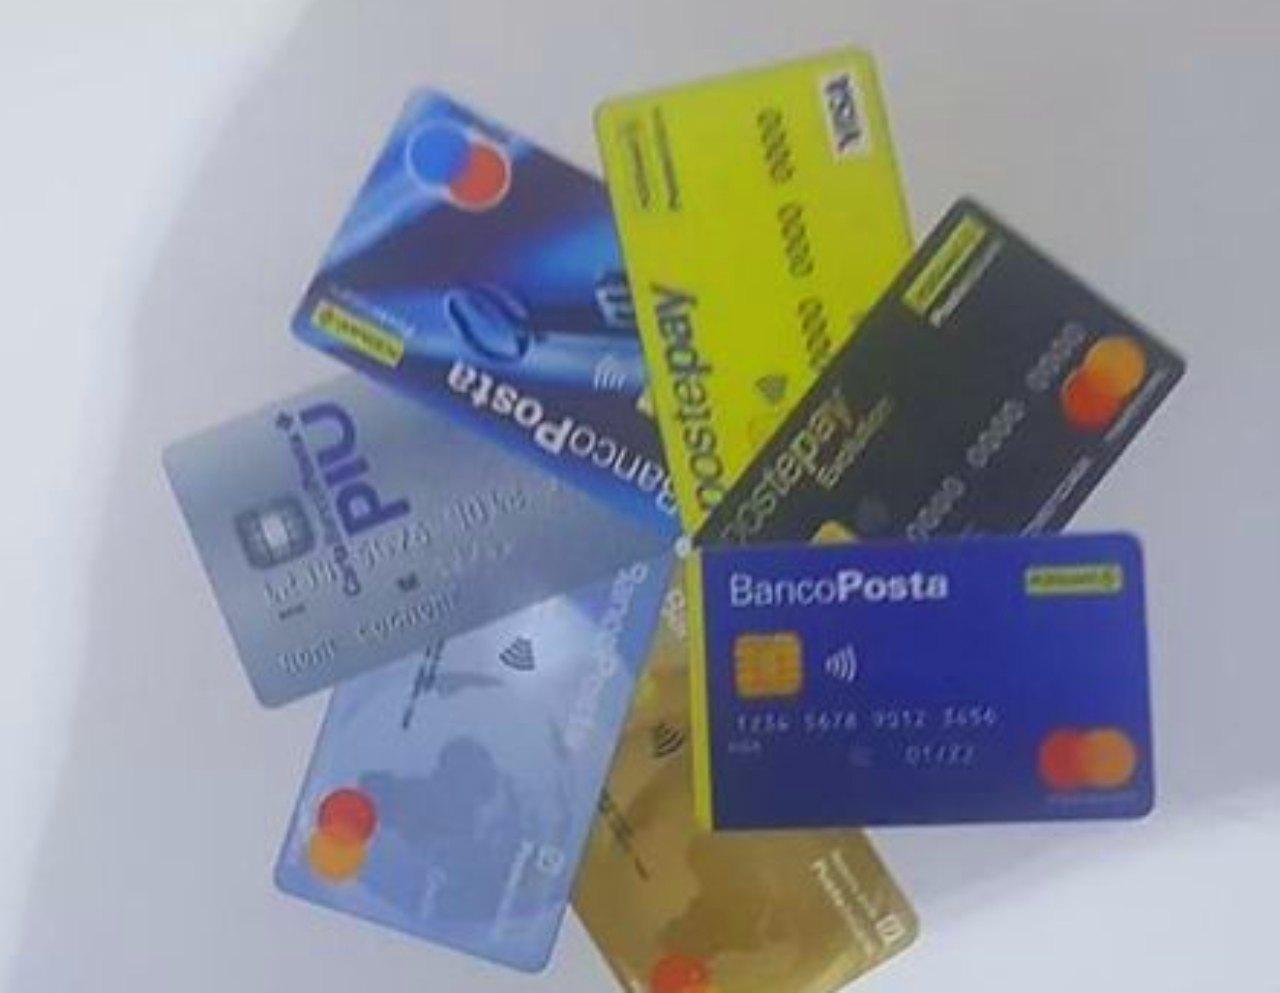 Conto corrente BancoPosta